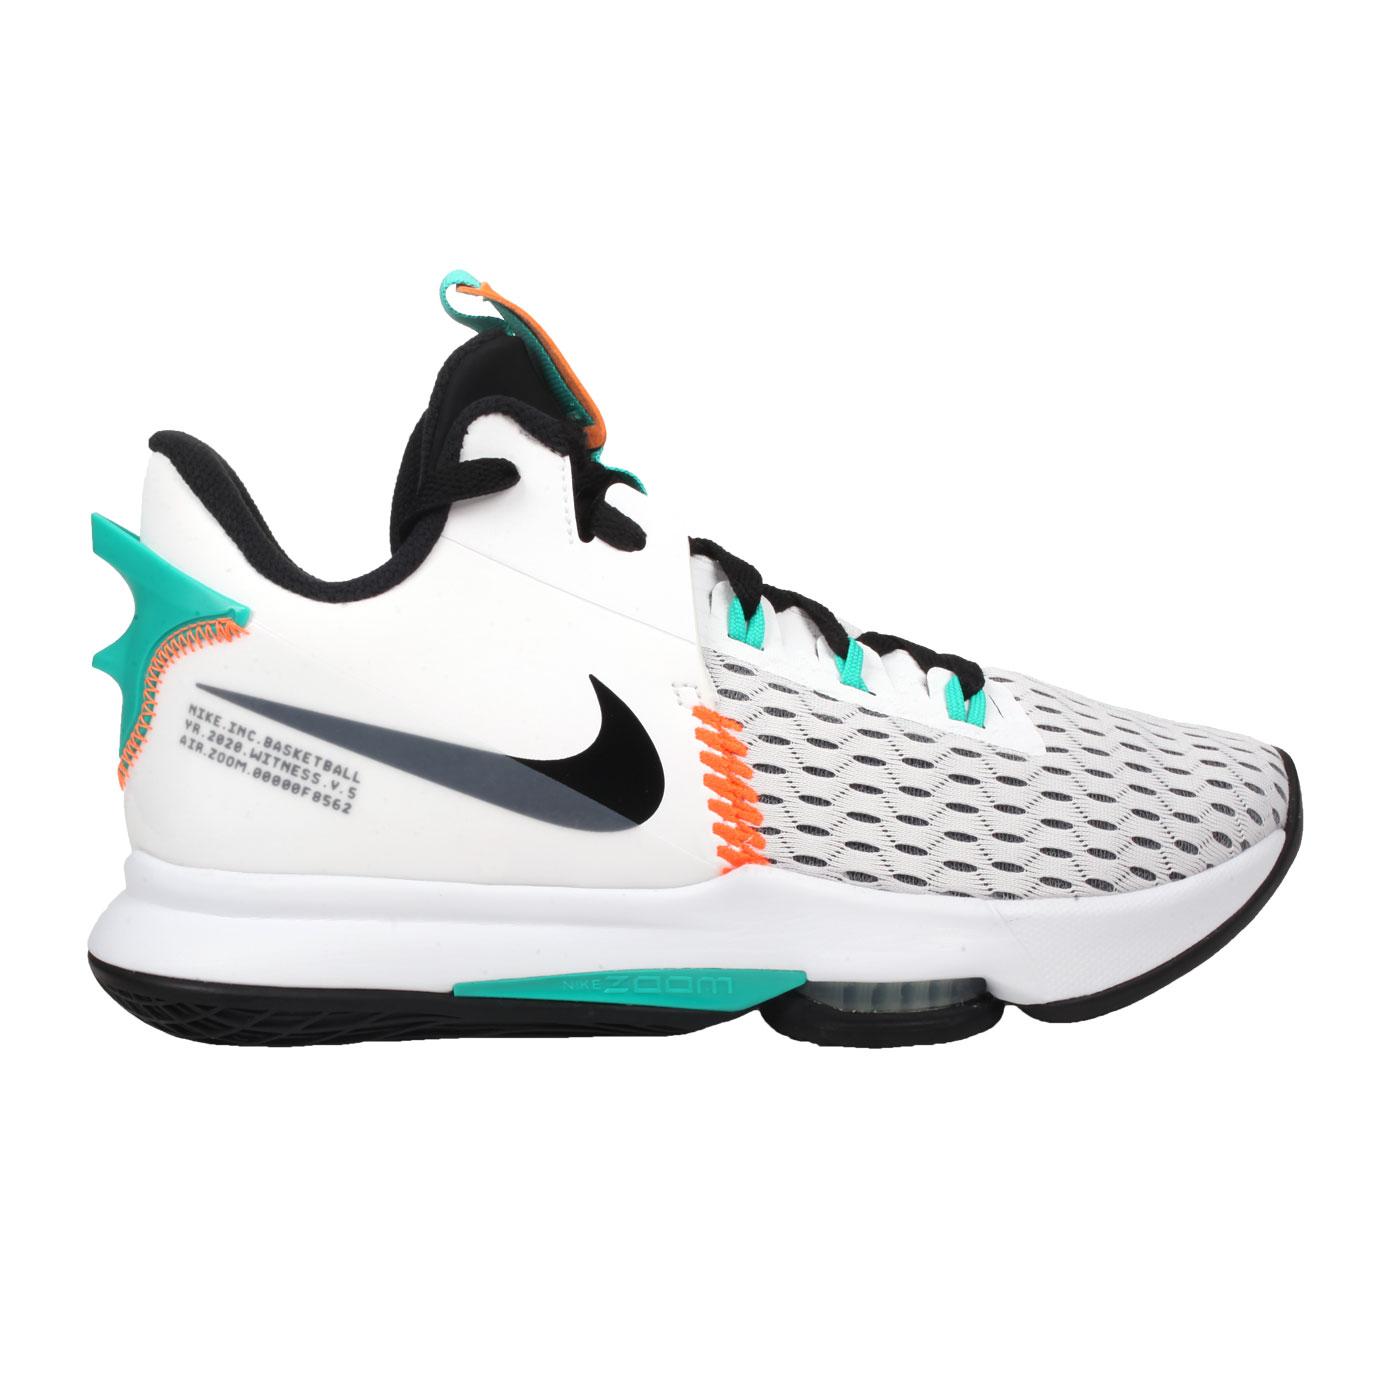 NIKE 男款籃球鞋  @LEBRON WITNESS V EP@CQ9381100 - 白灰黑綠橘